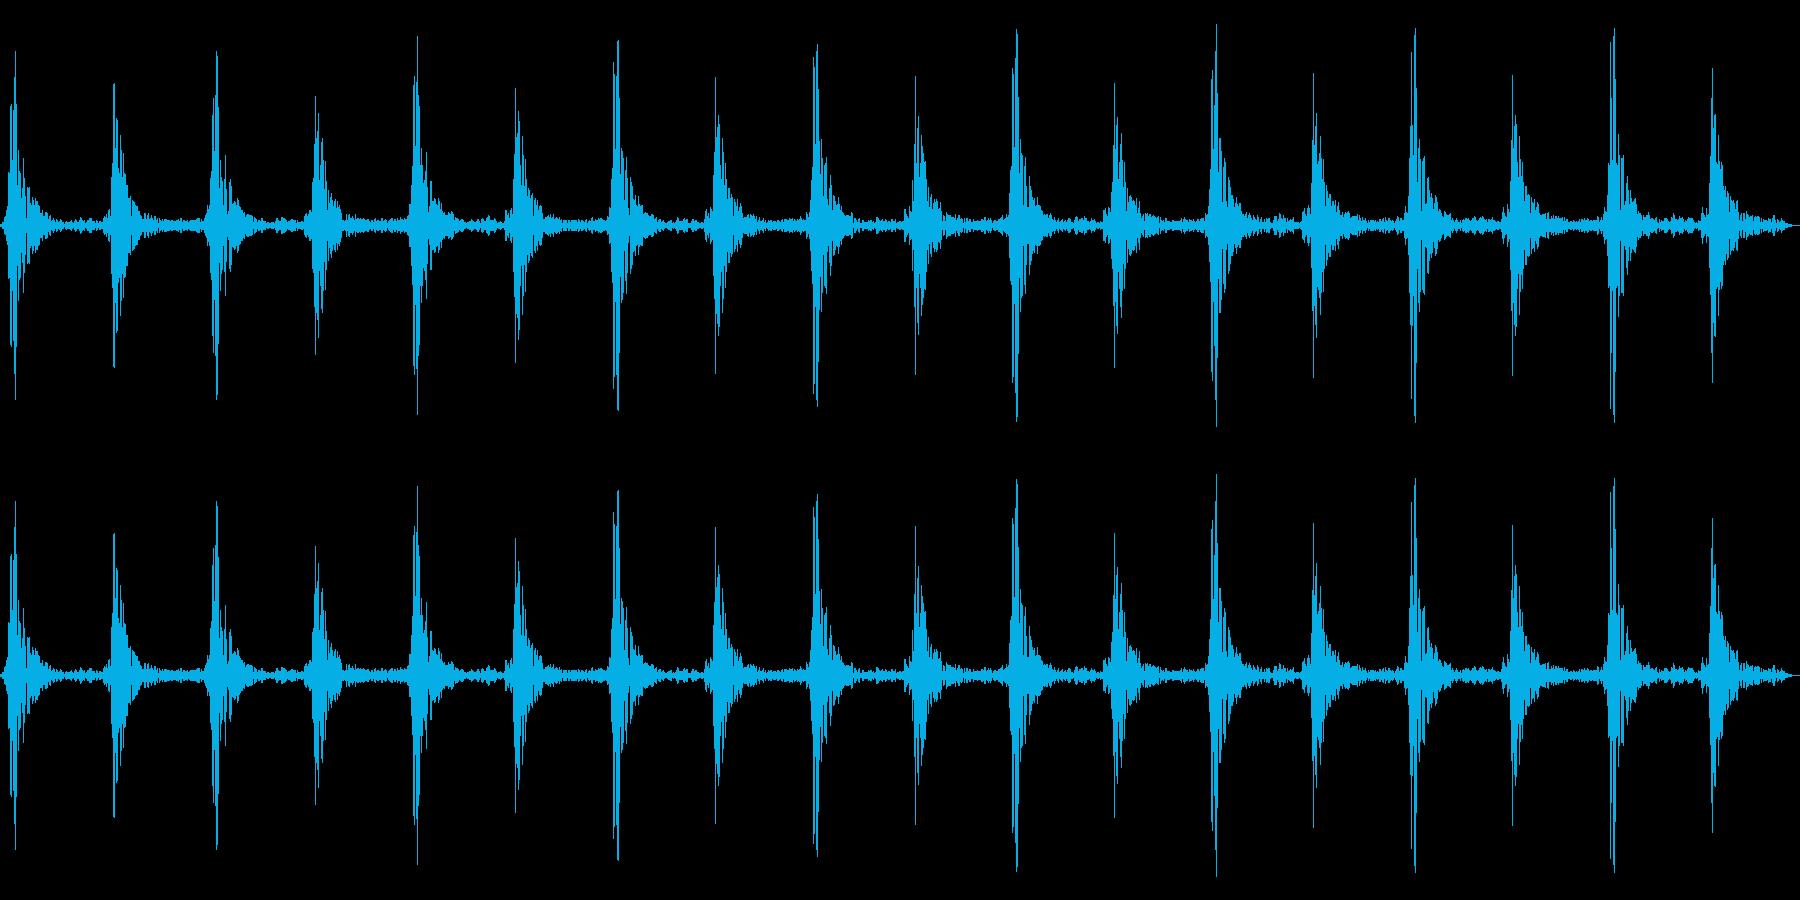 車のワイパーの動作音/連続音/の再生済みの波形